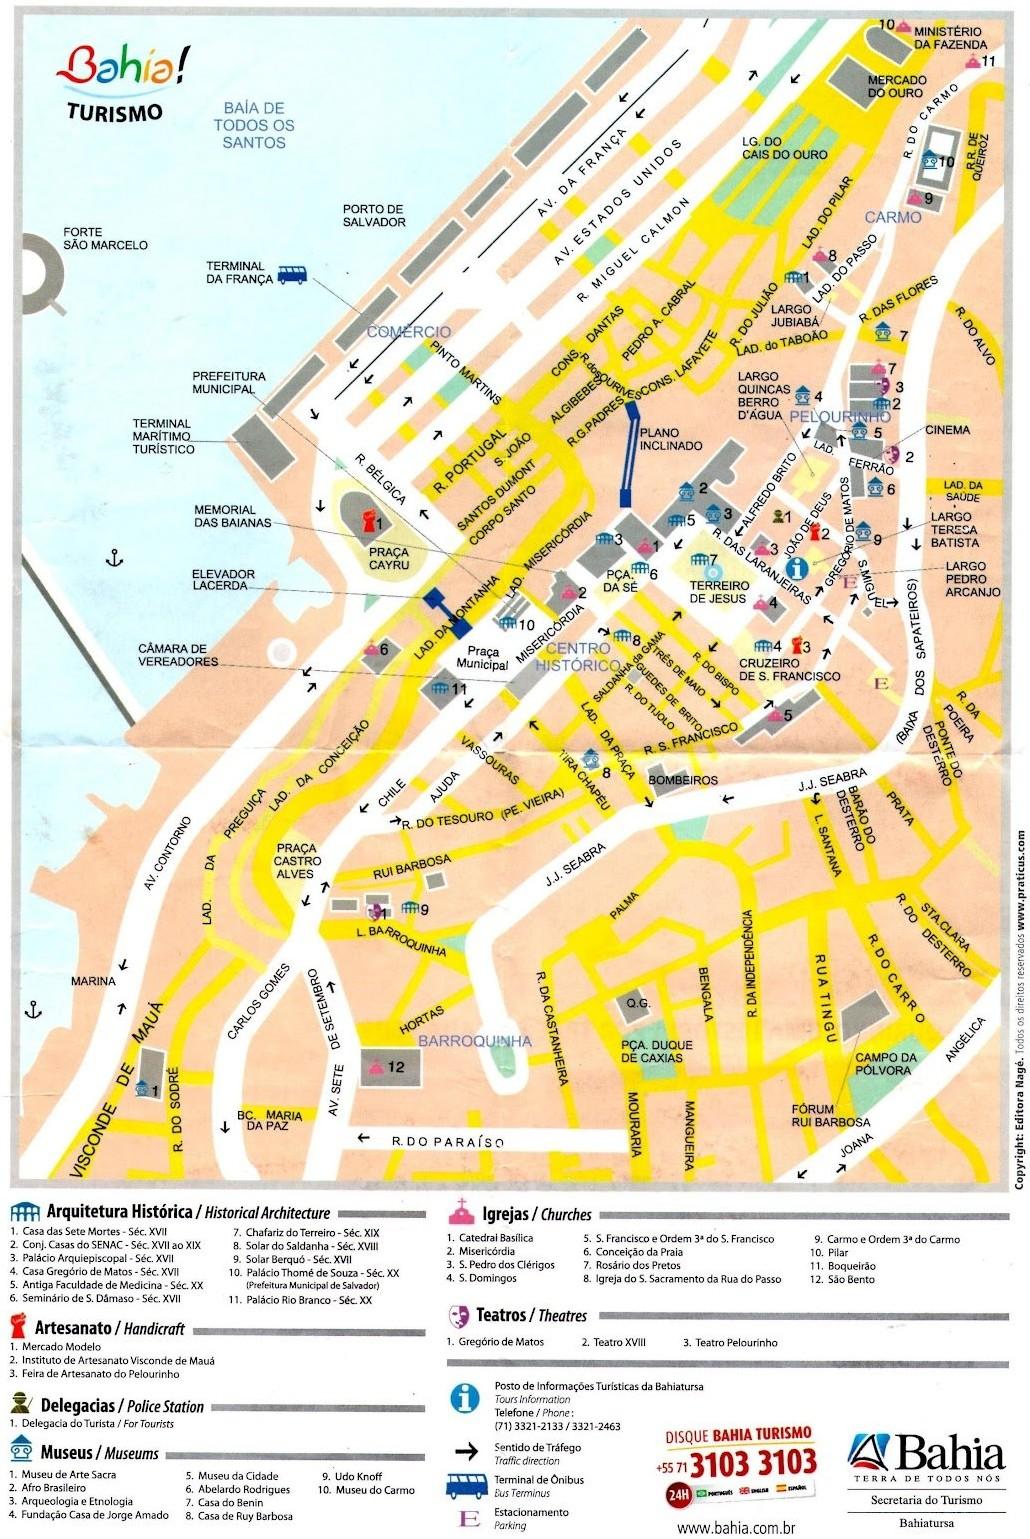 Guide français à Salvador de Bahia - routard.com